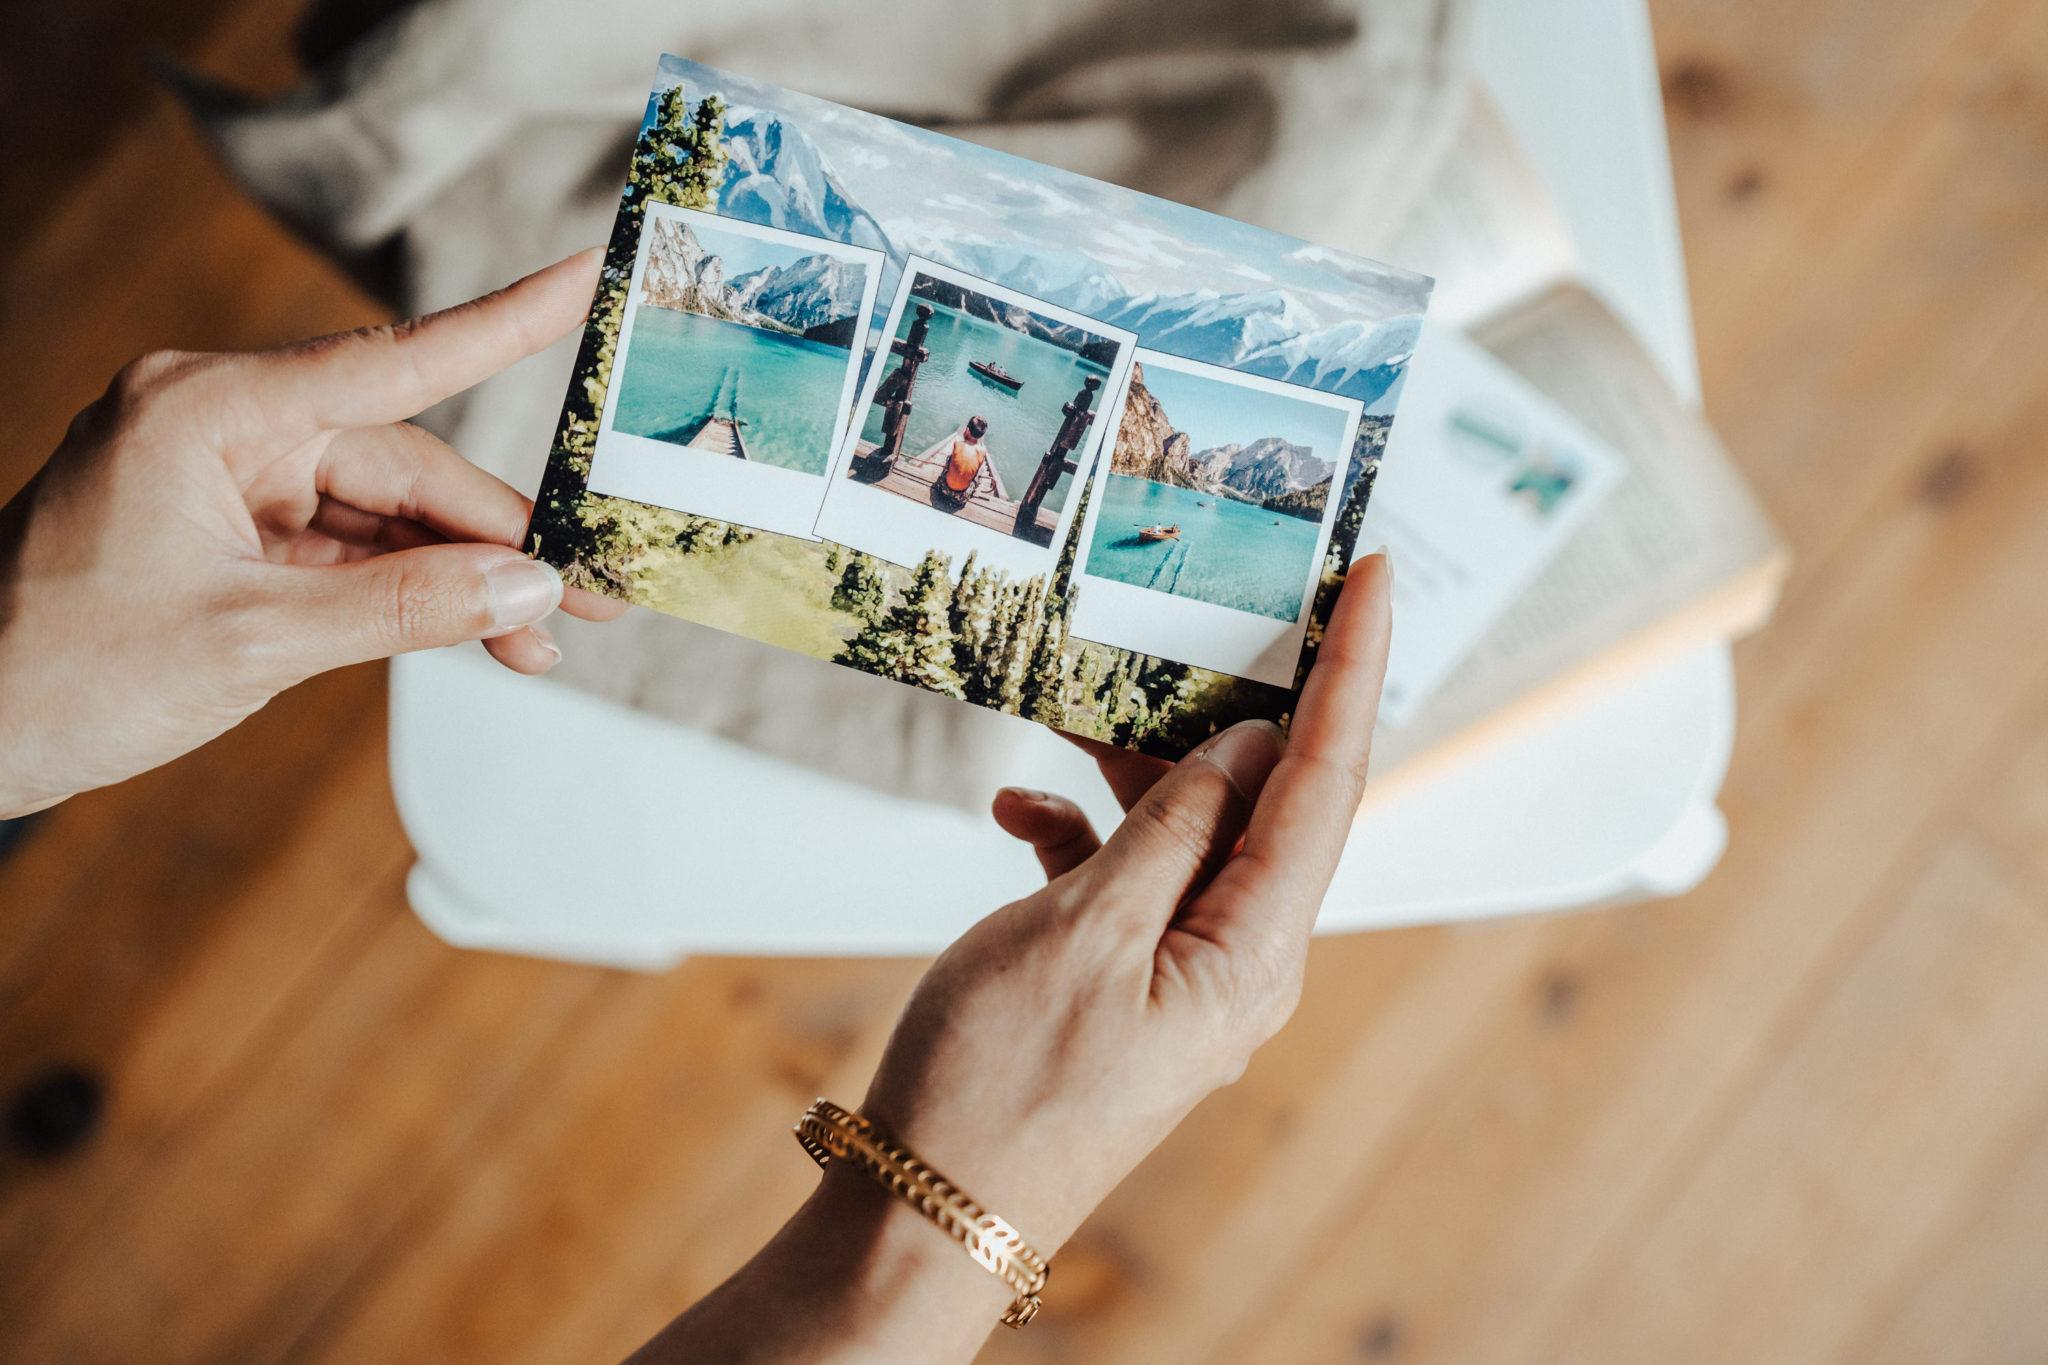 mains tenant carte postale montagne